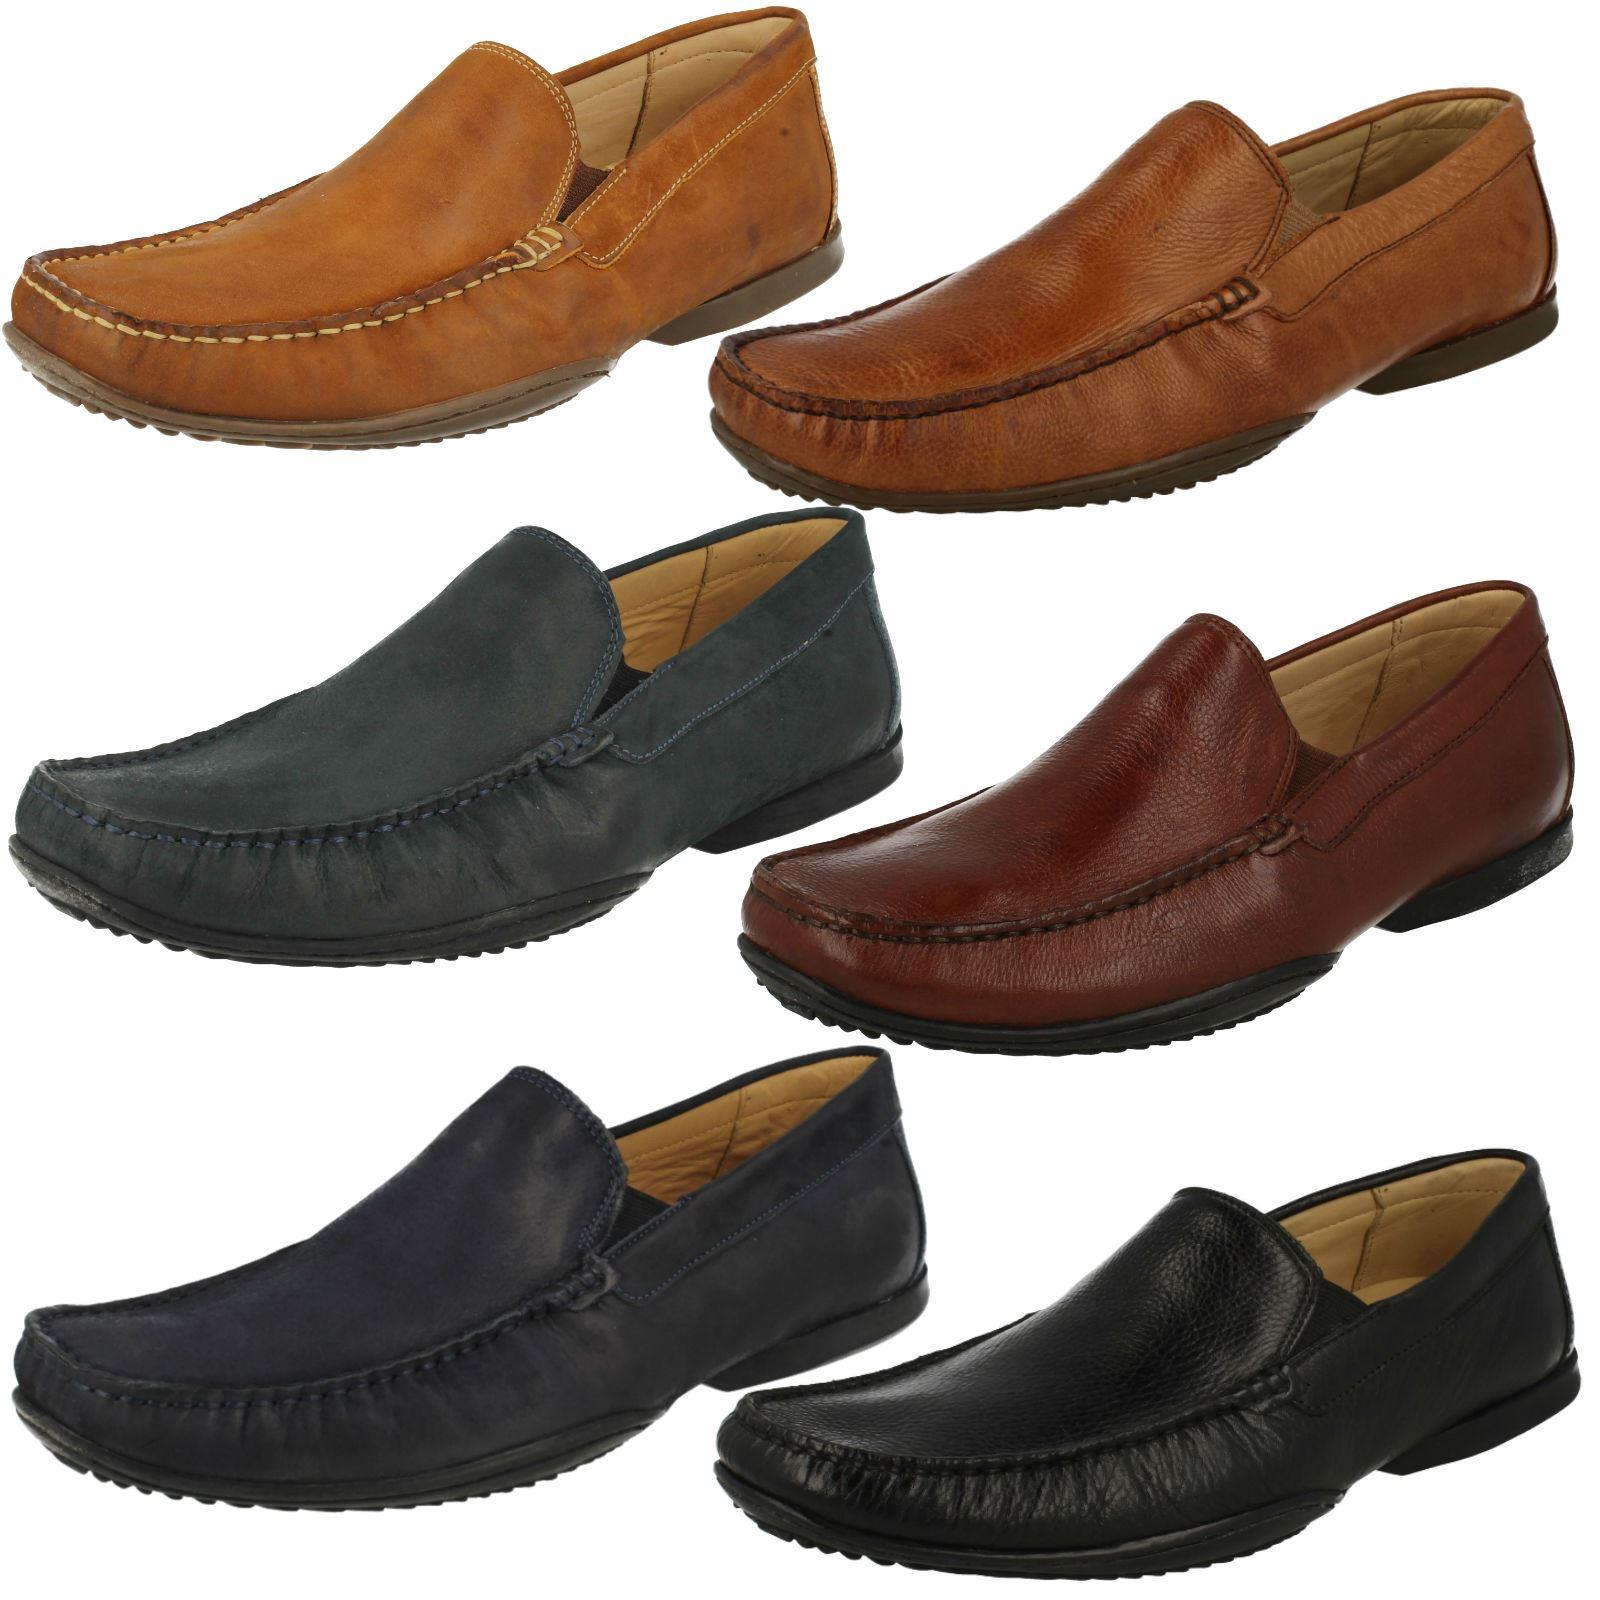 Mens Anatomic Moccasin Shoes 'Tavares' Scarpe da uomo classiche economiche e belle